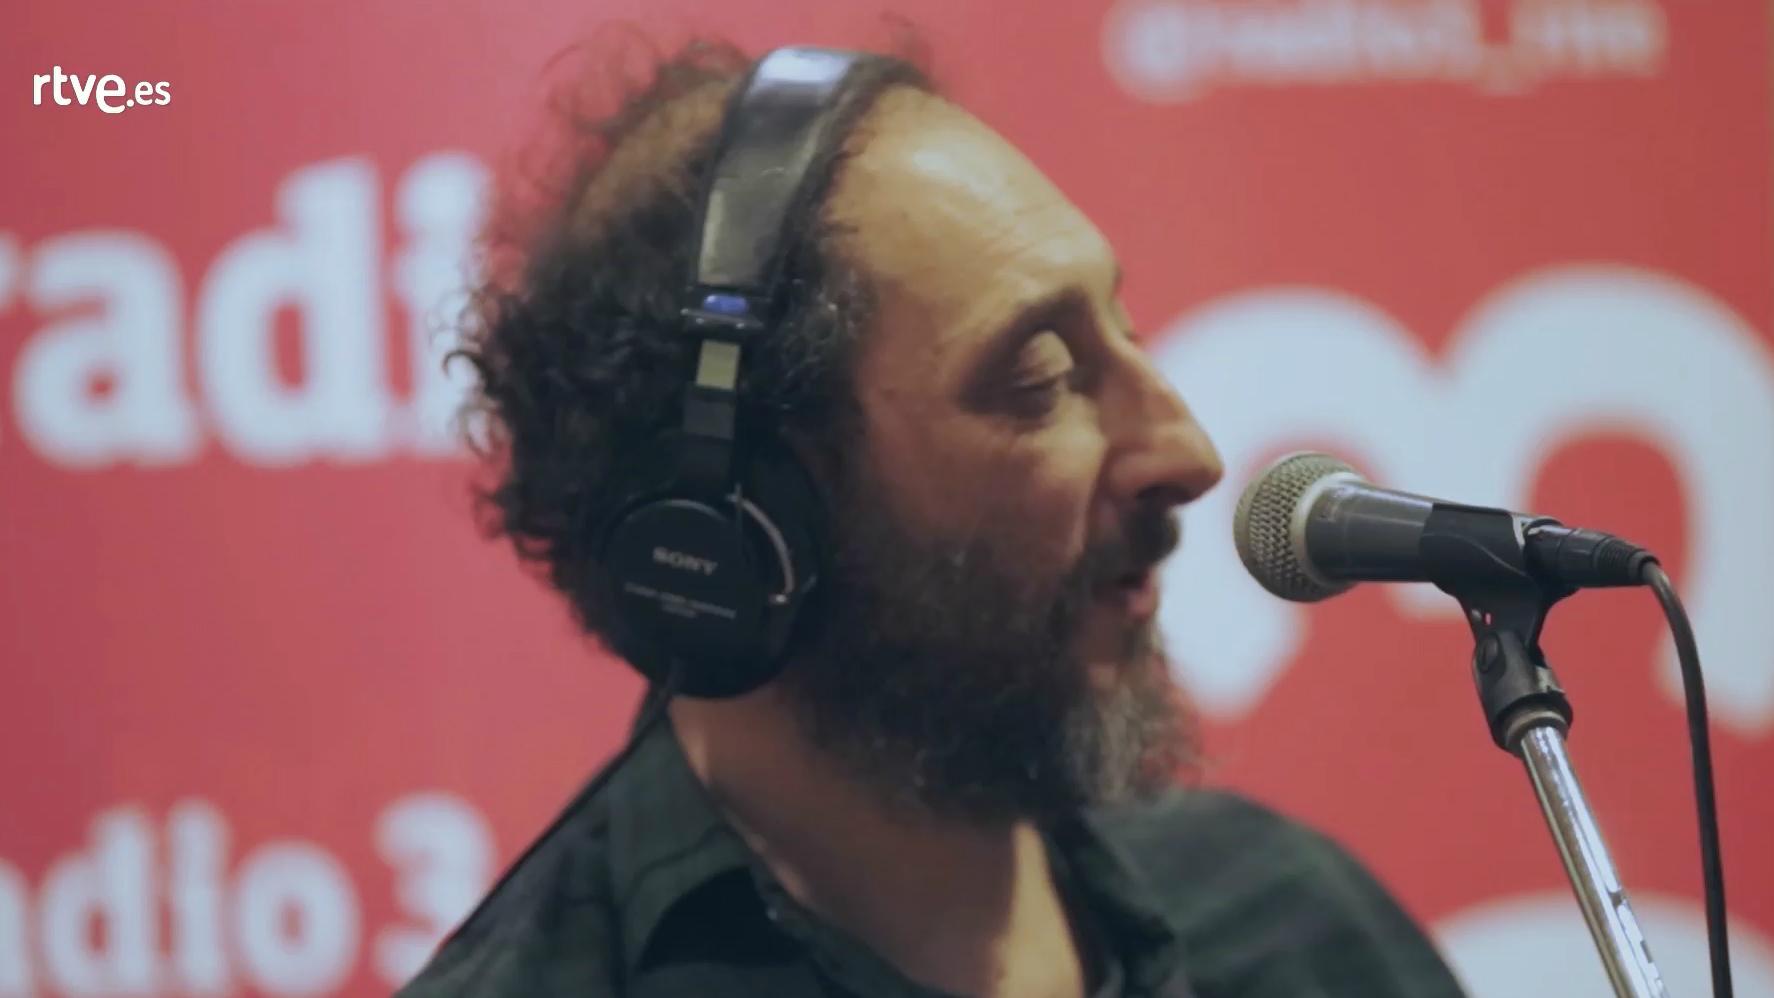 VÍDEO: Los Planetas estrenan su nuevo disco en directo